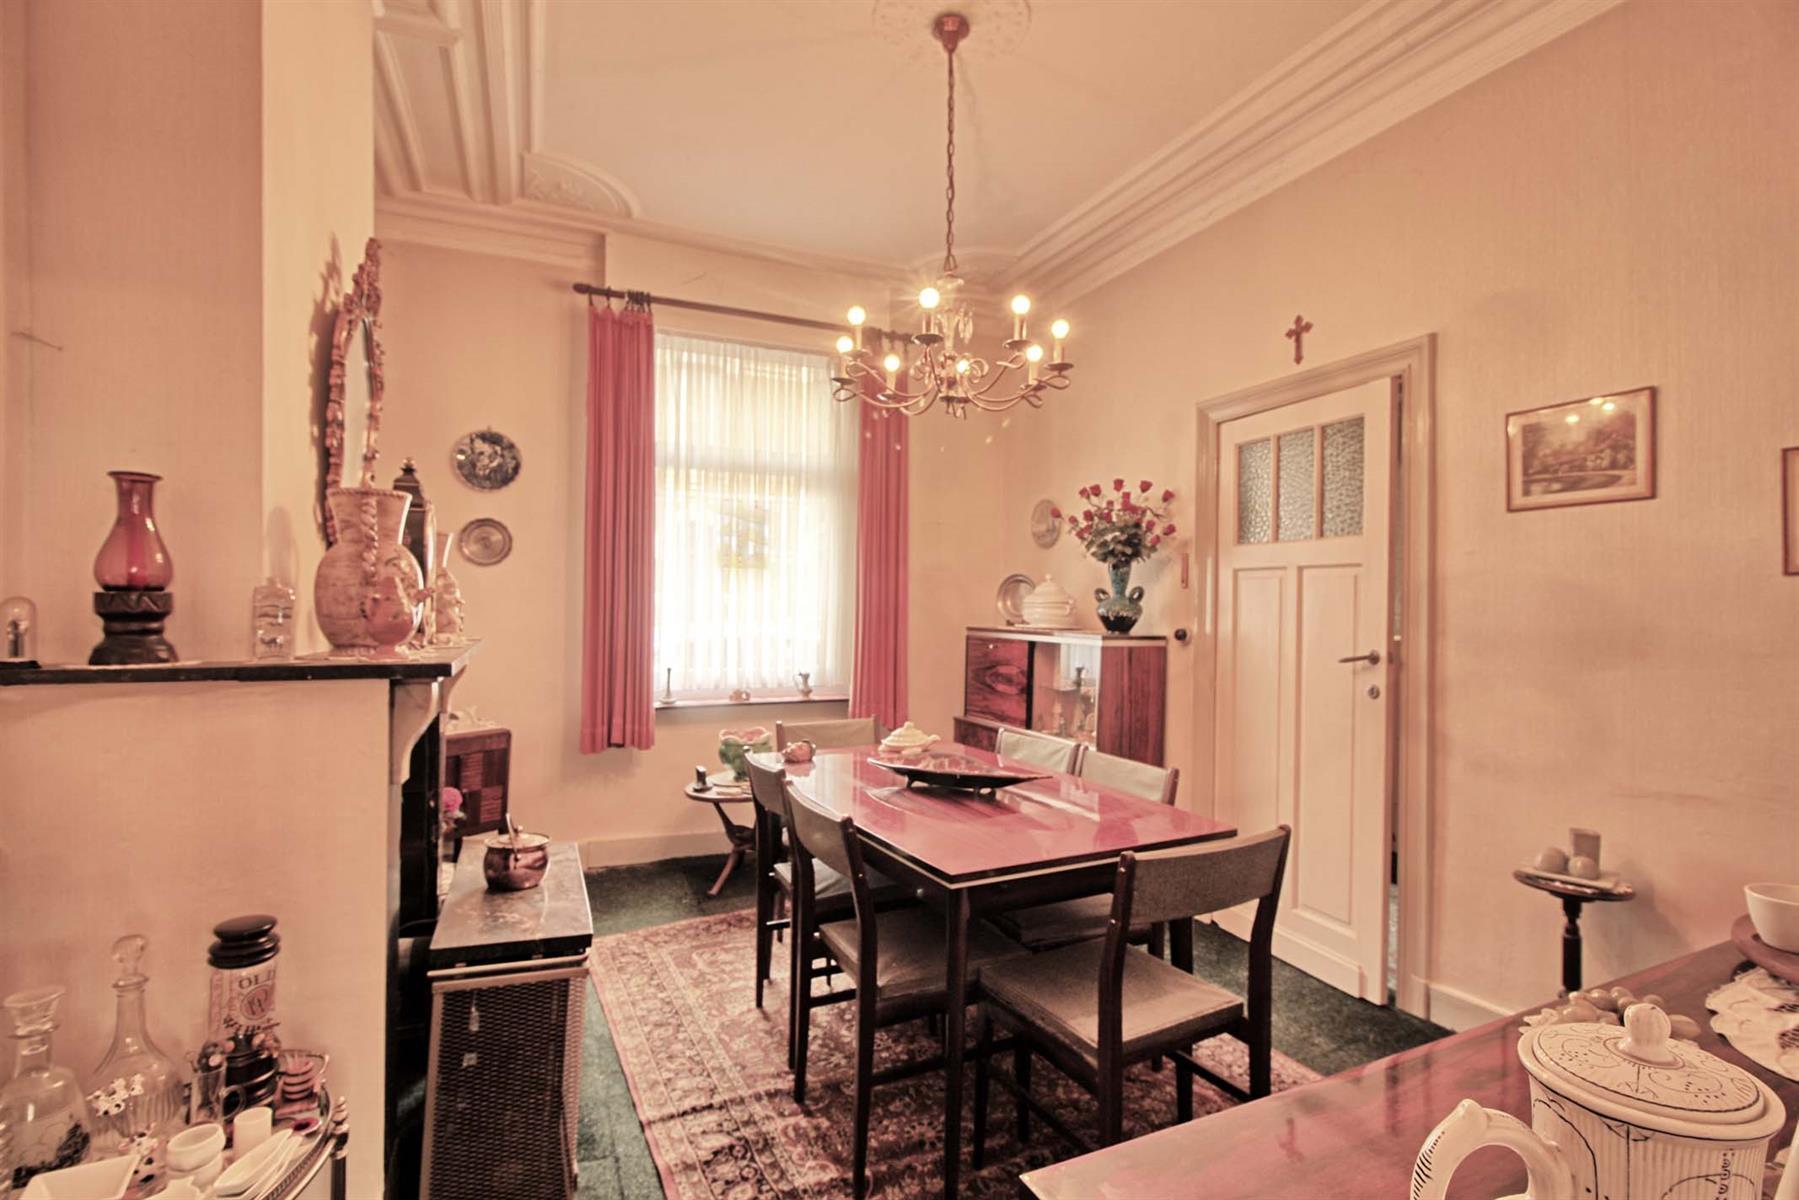 Maison unifamiliale - Woluwe-Saint-Lambert - #4106876-2